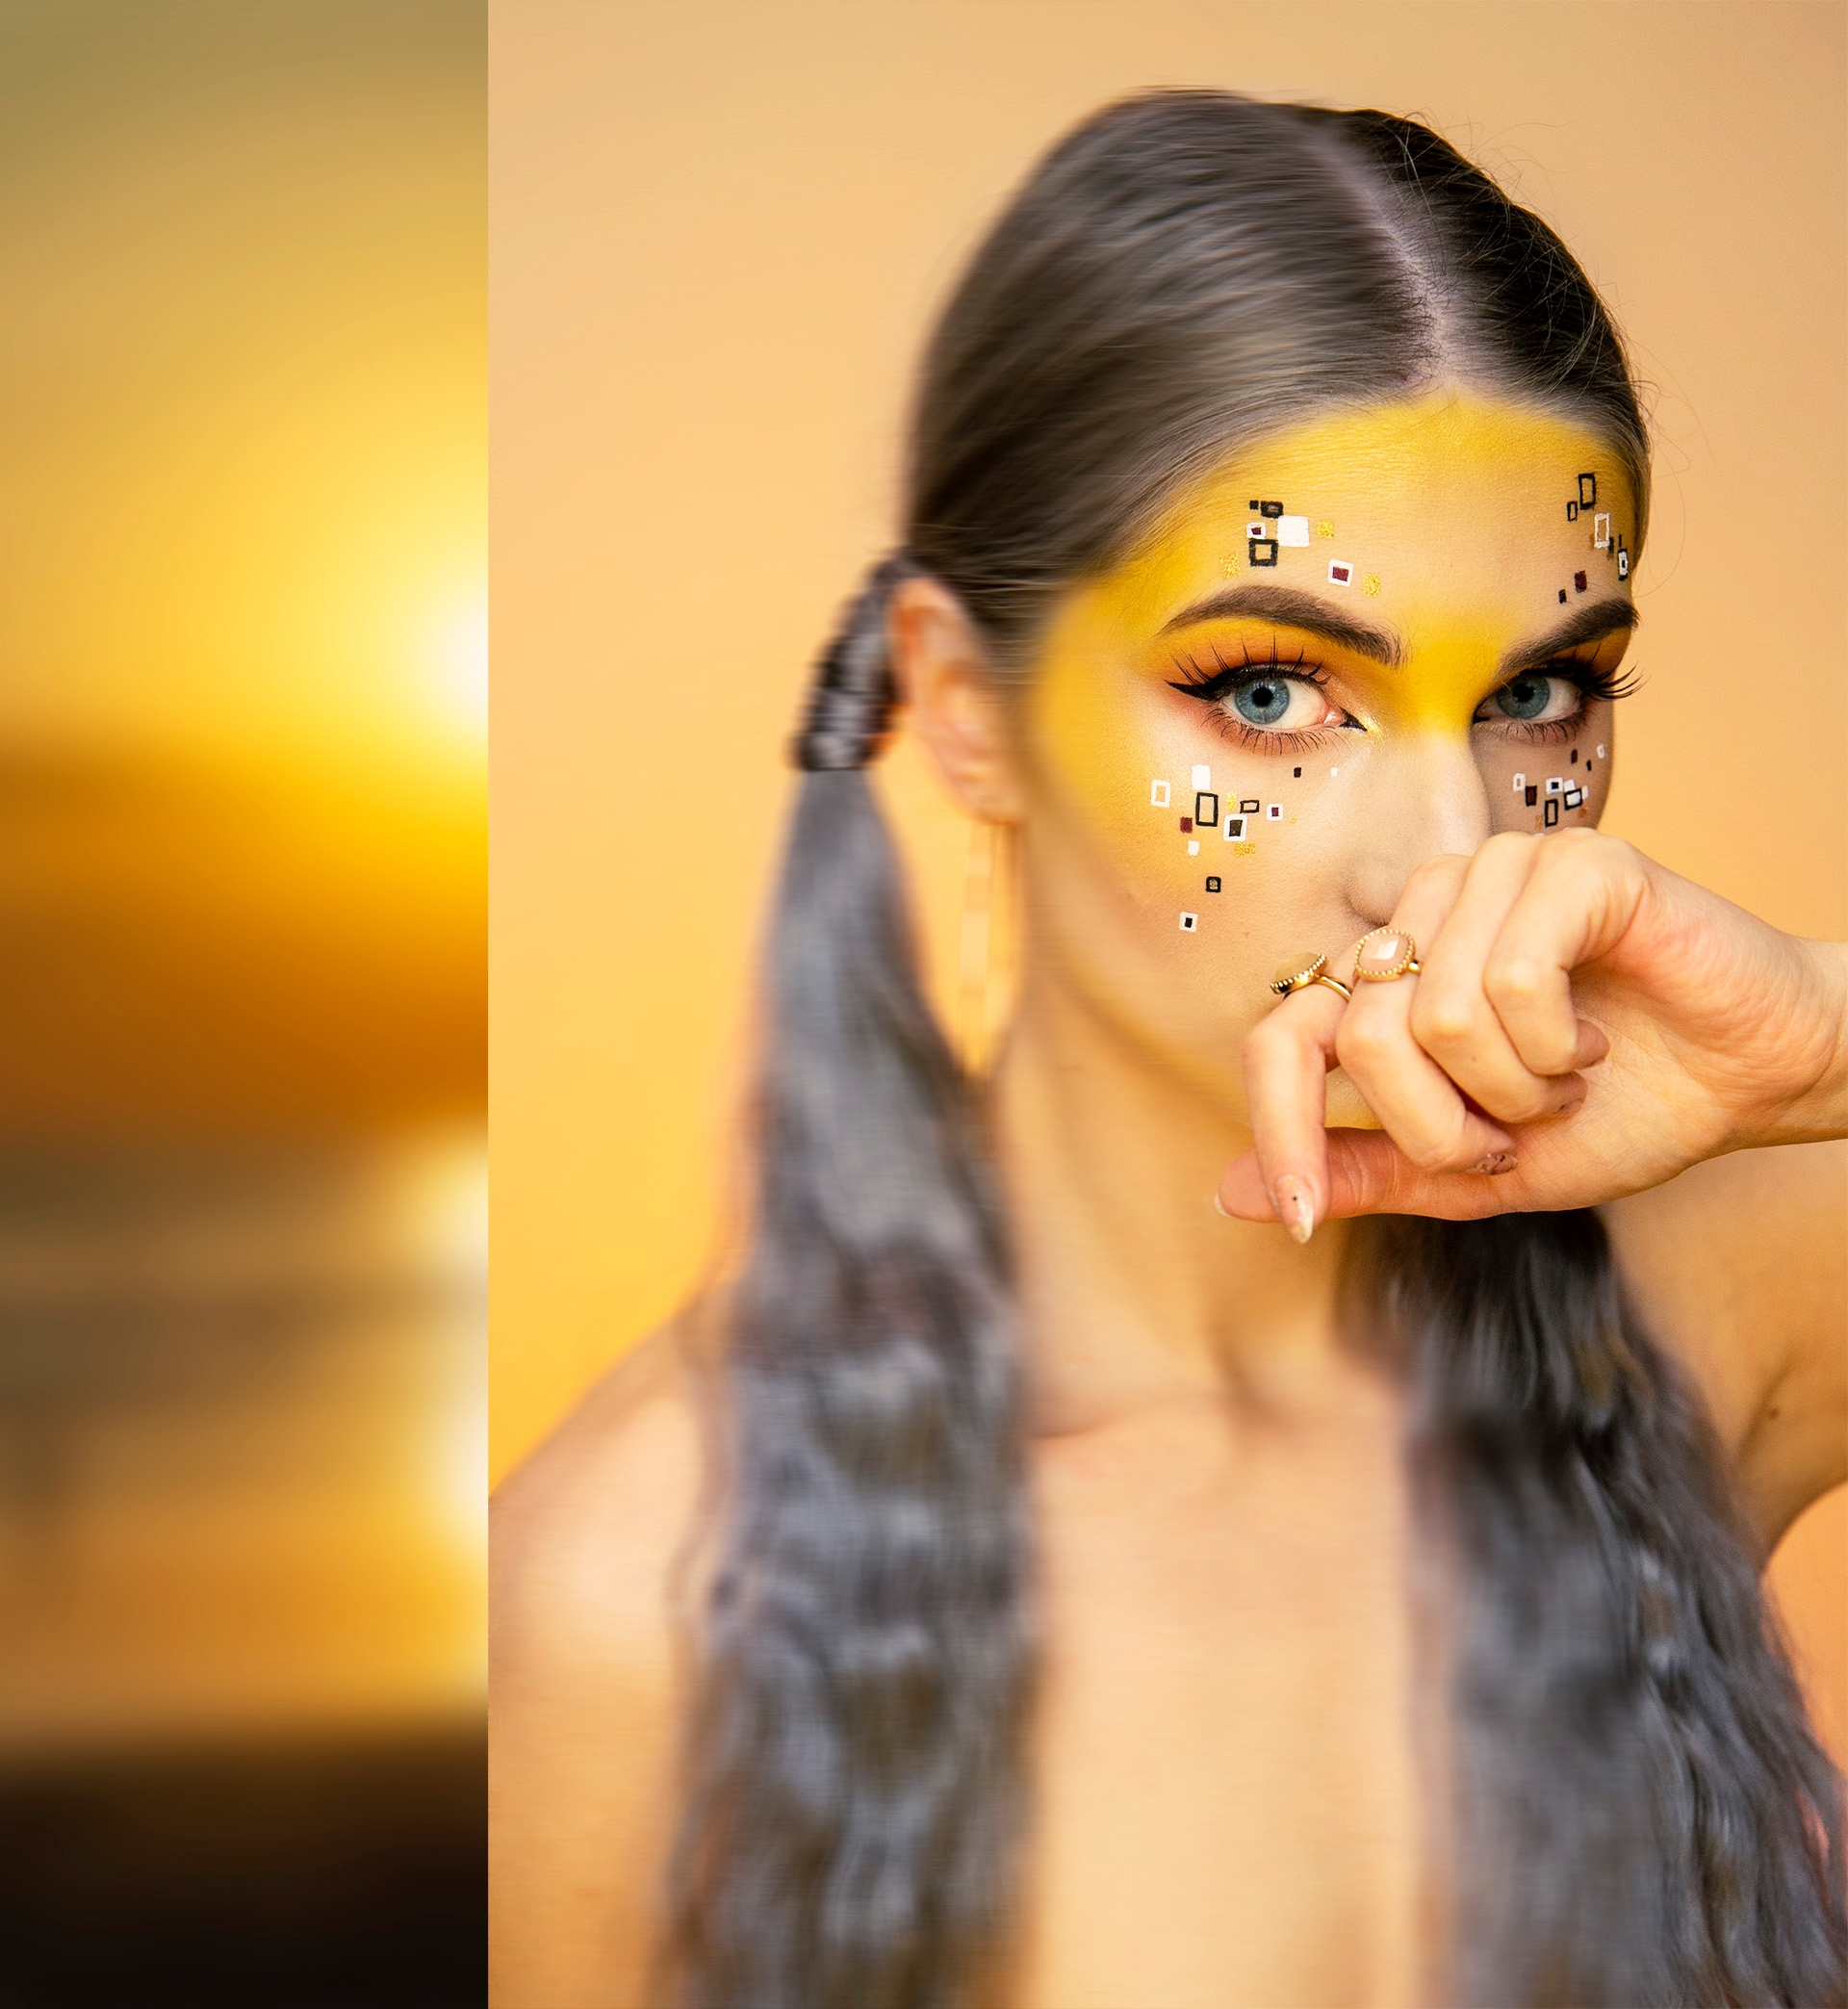 Make-up inspirowany twórczością artysty: Gustav Klimt